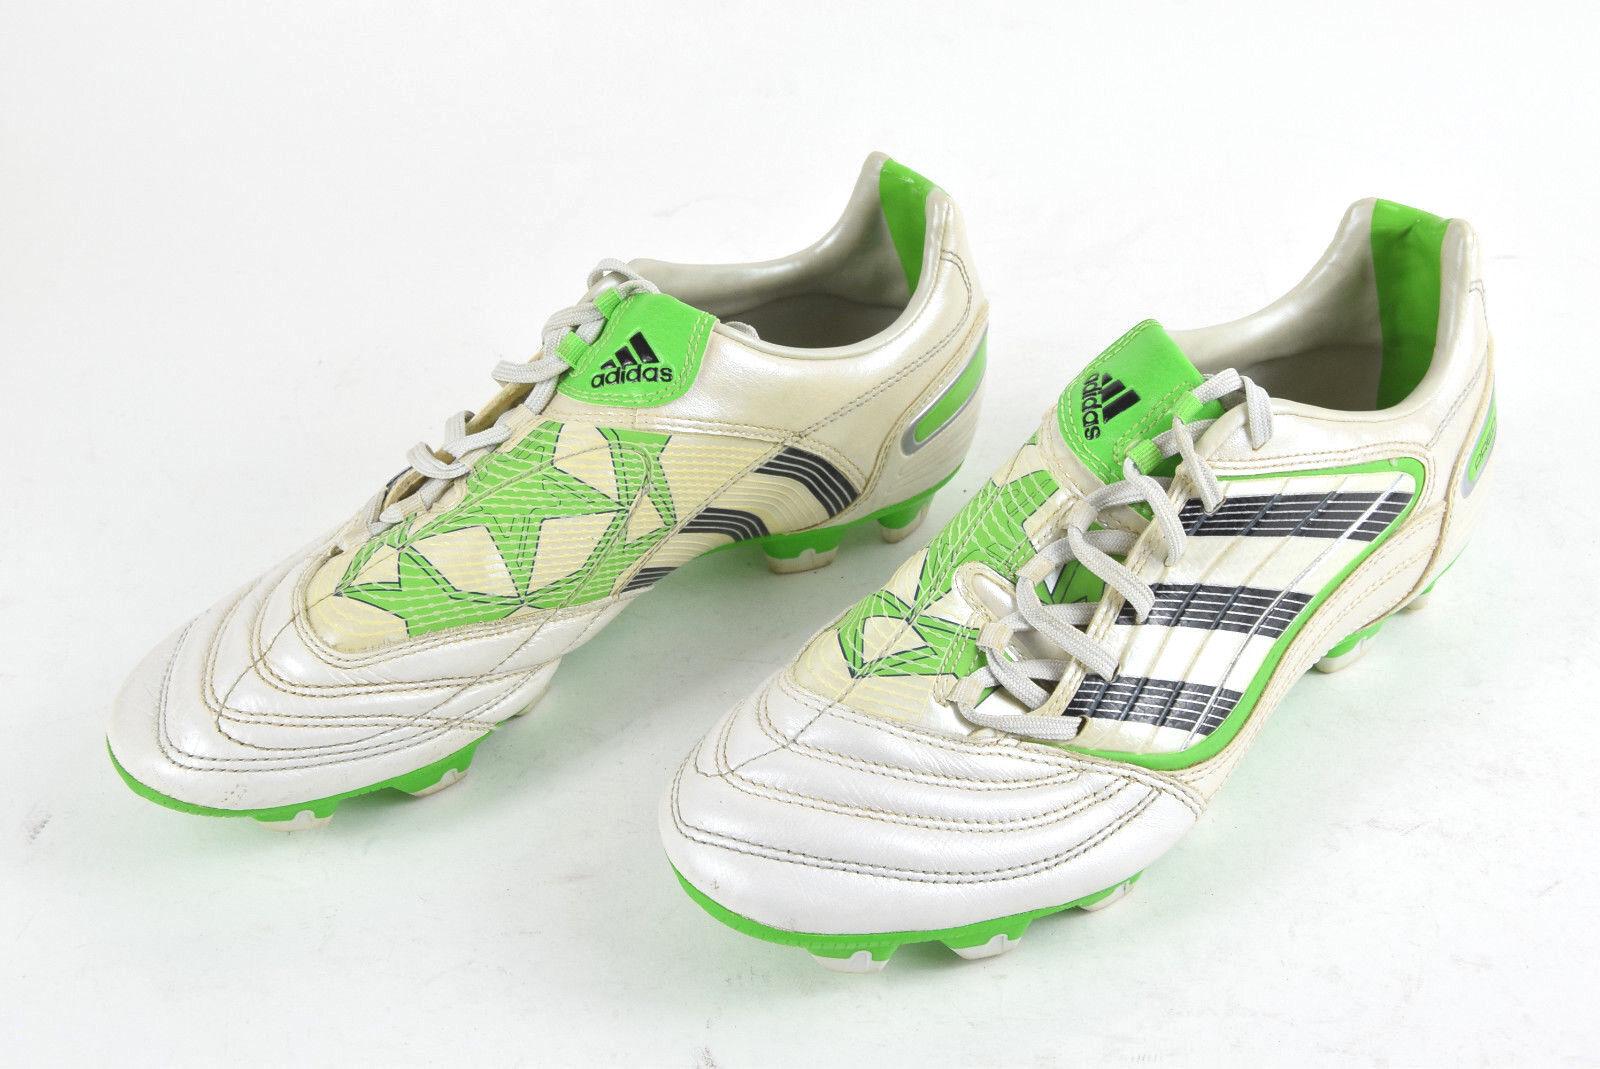 Adidas prossoator absolado x trx fg champions league | Vinto altamente stimato e ampiamente fidato in patria e all'estero  | Gentiluomo/Signora Scarpa